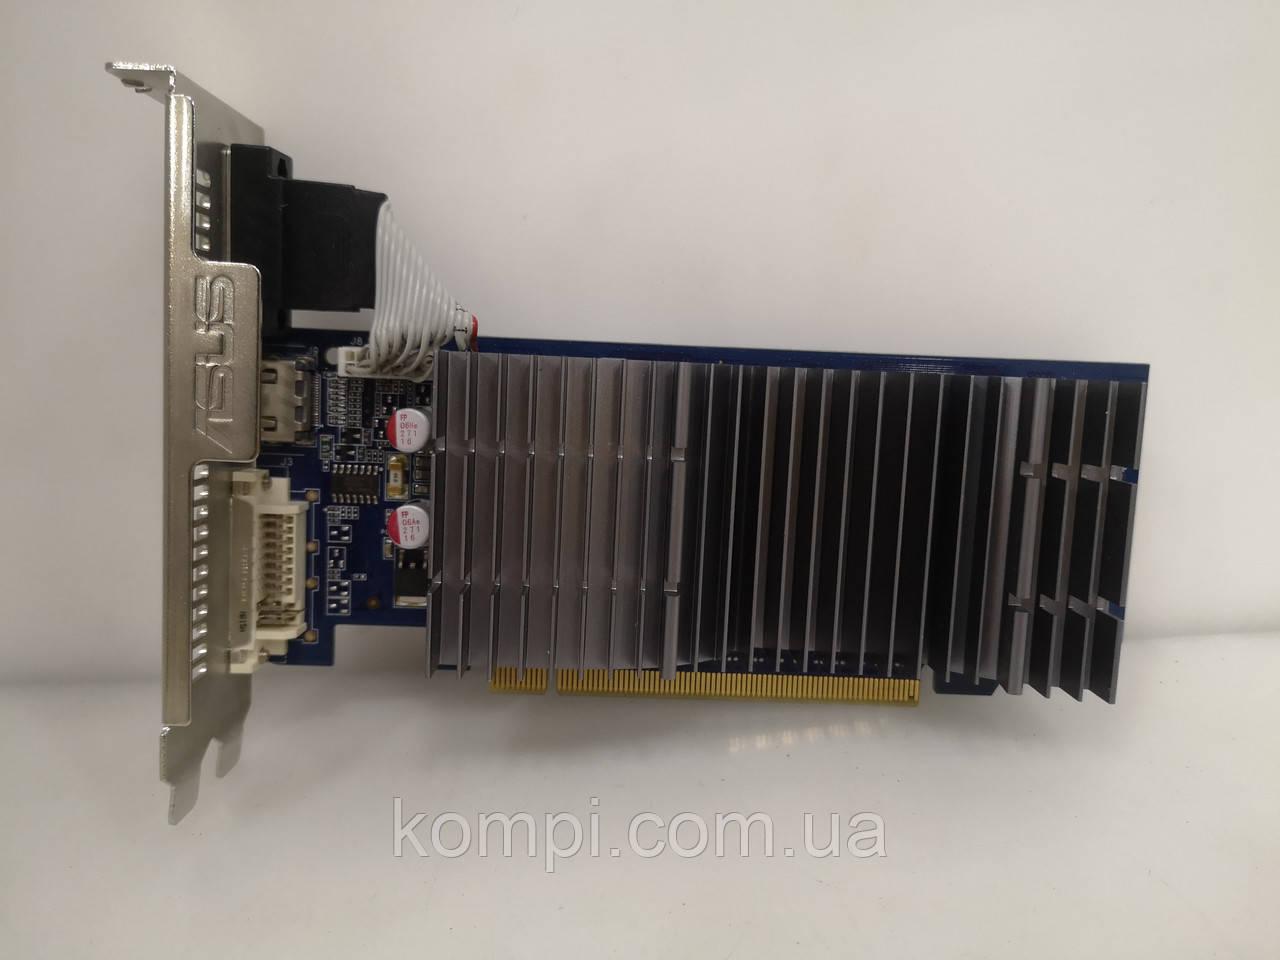 Відеокарта NVIDIA GeForce 210 512MB PCI-e HDMI